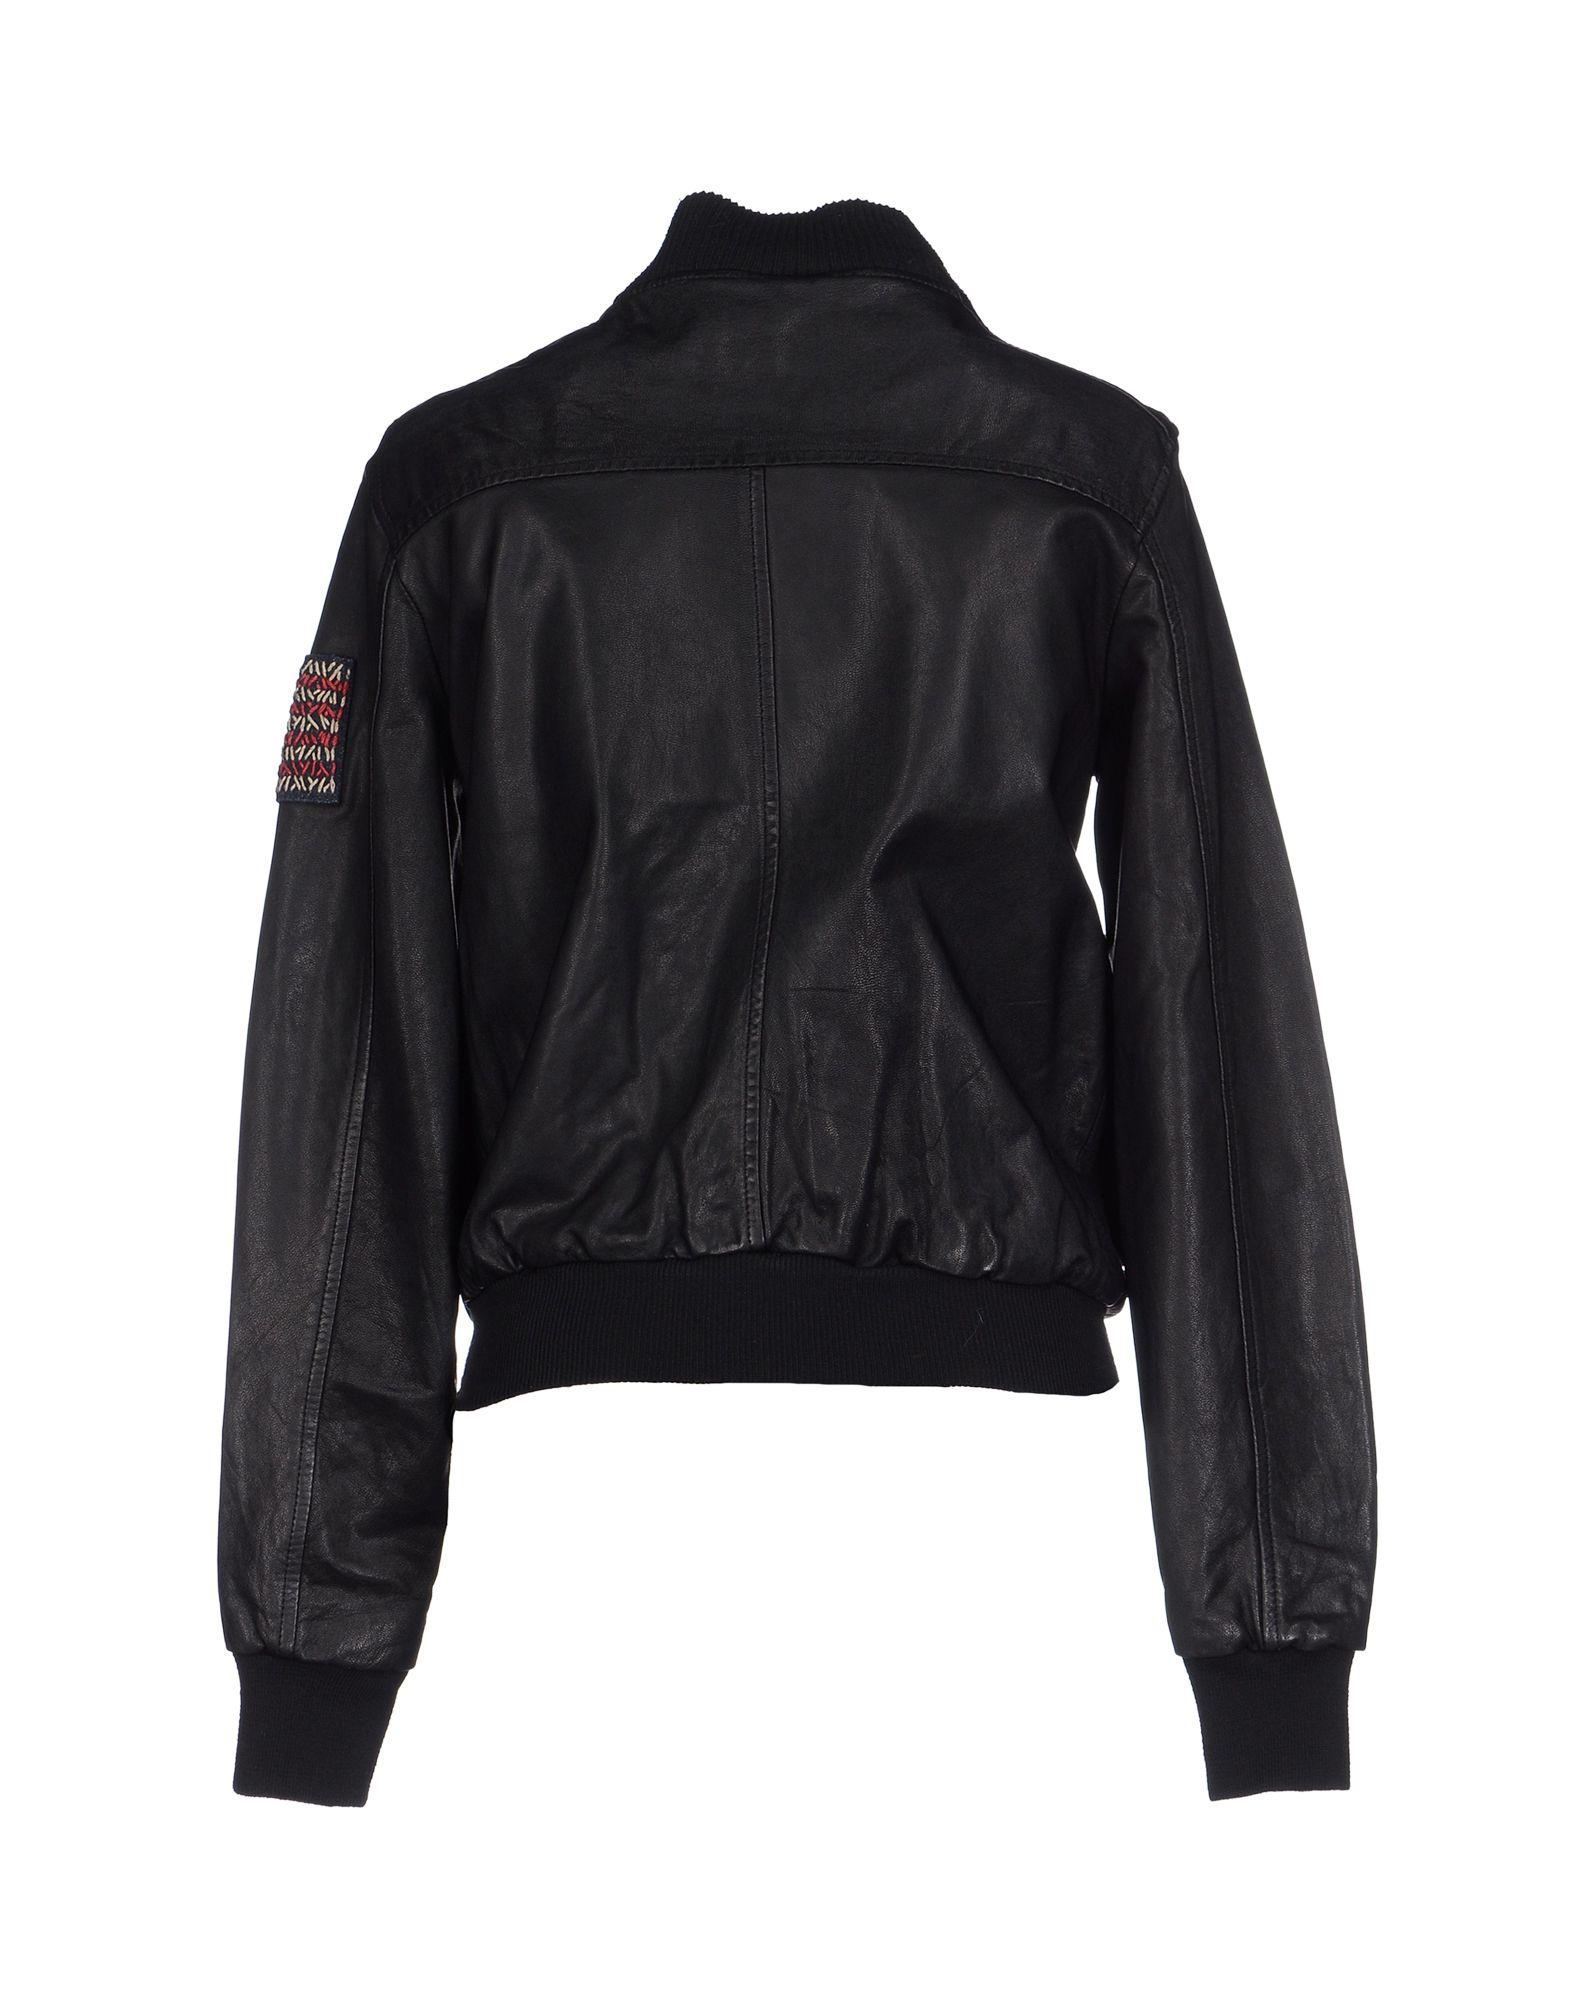 true religion jacket in black for men lyst. Black Bedroom Furniture Sets. Home Design Ideas